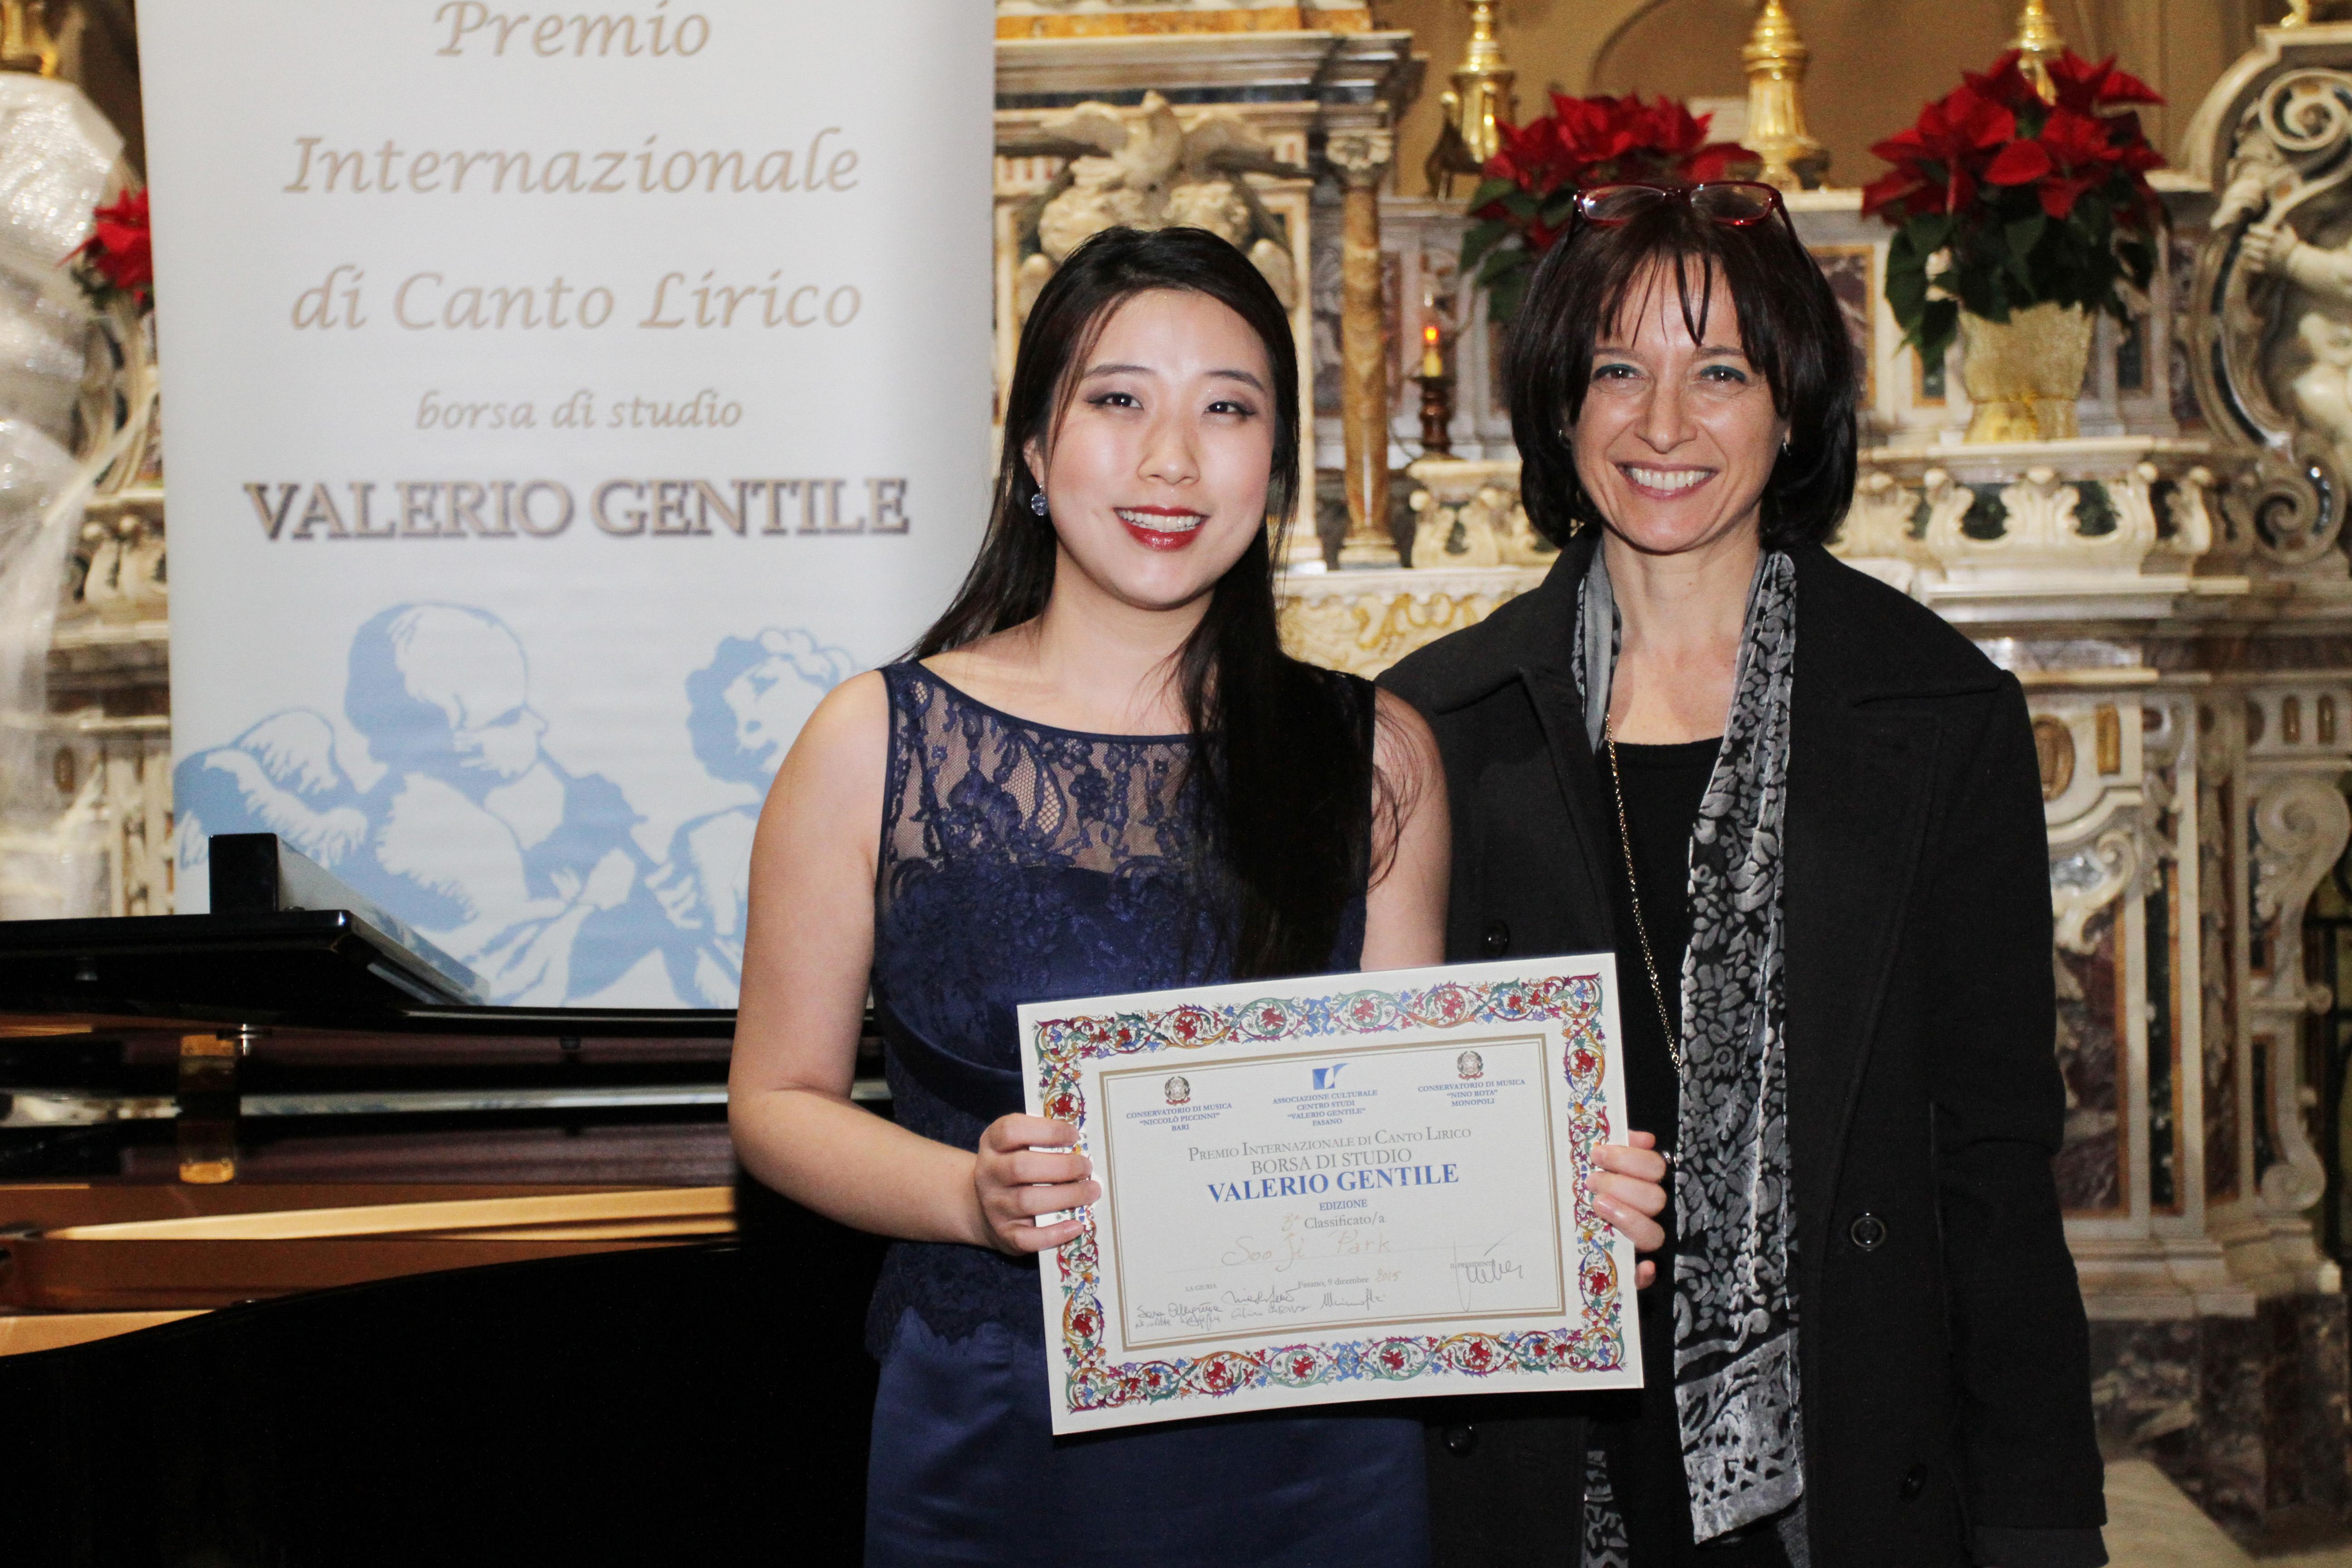 premiata dal Direttore Artistico del Premio prof.ssa Nicla Sciangalepore